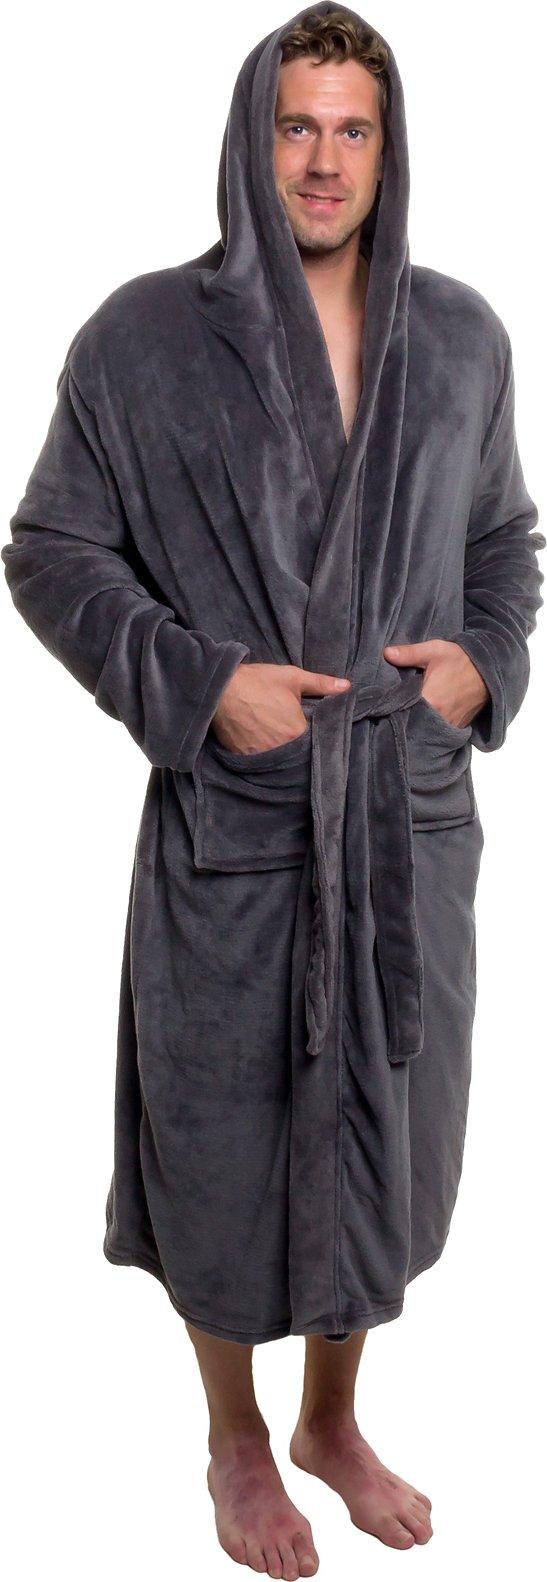 Ross Michaels Mens Hooded Robe - Plush Shawl Kimono Bathrobe (Grey, L/XL)